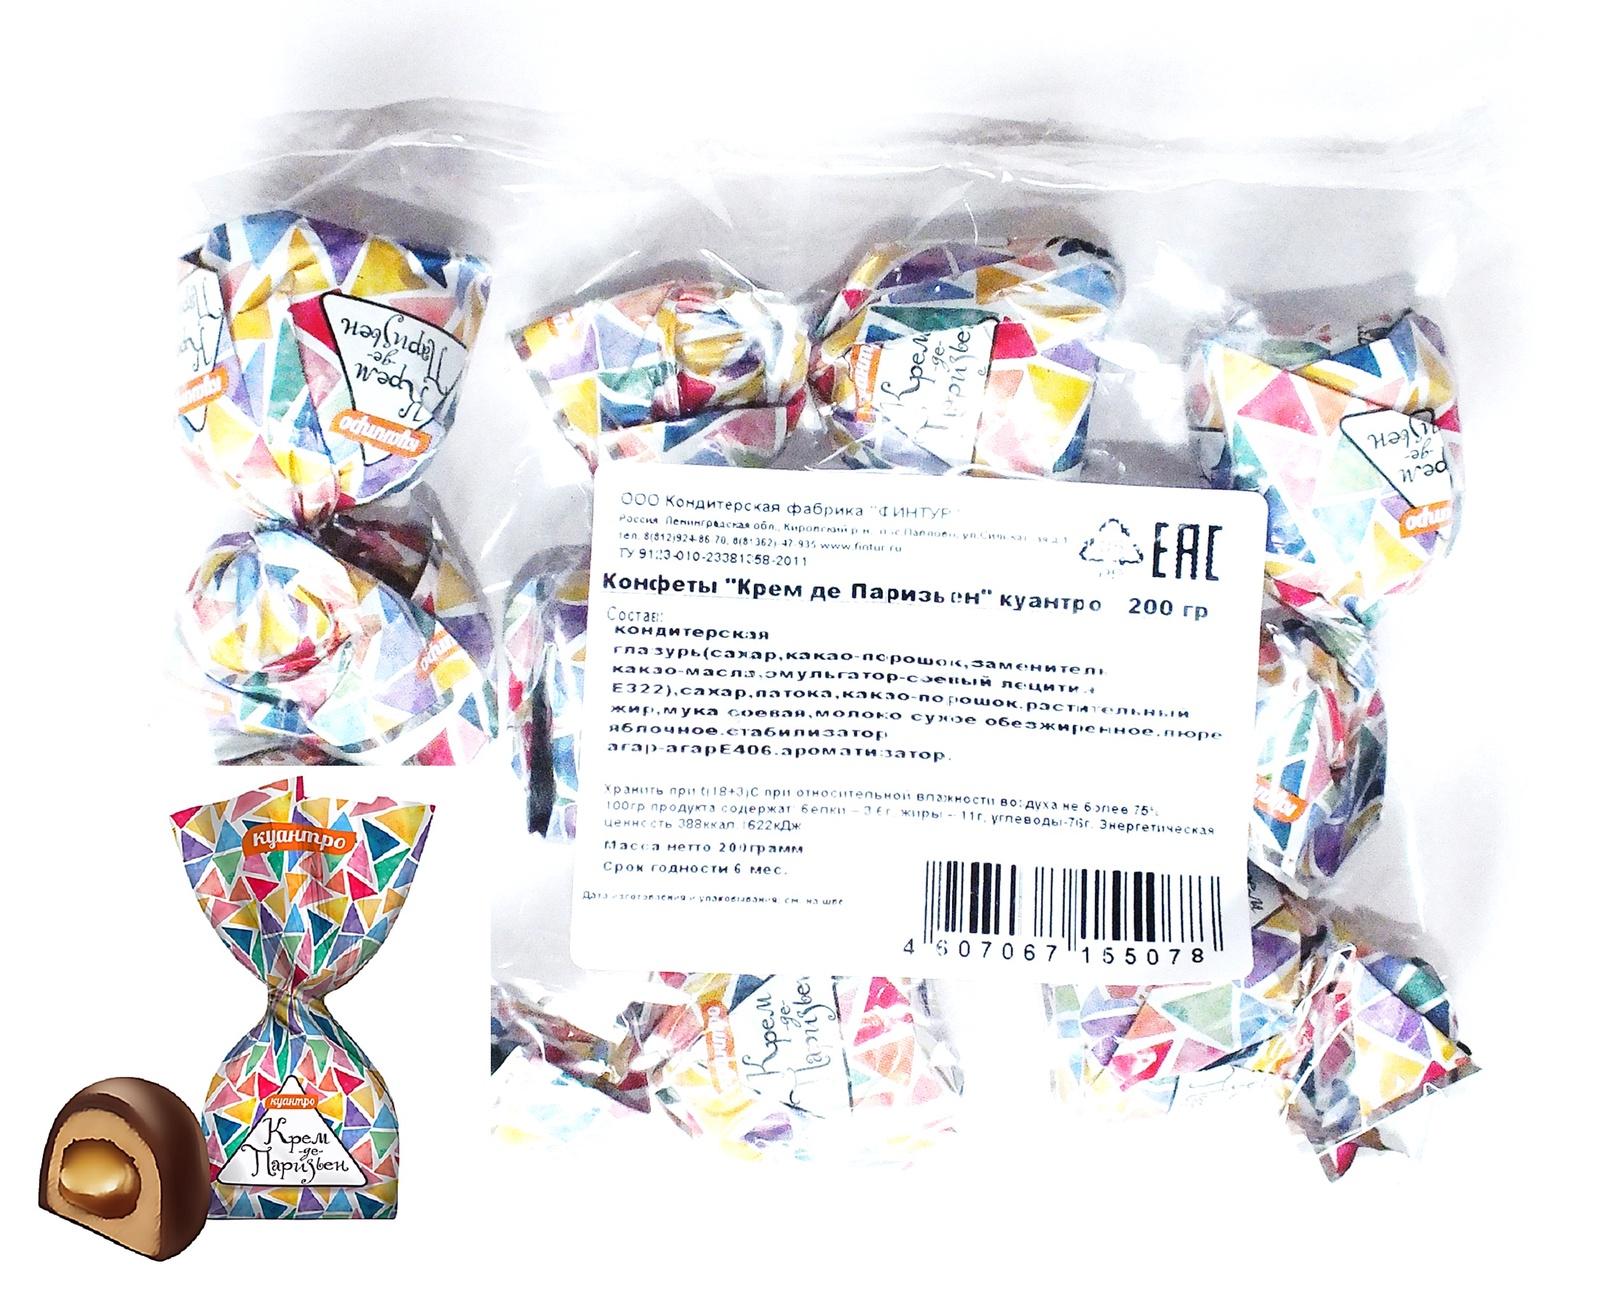 Конфеты ФинТур Крем-де-Паризьен куантро (с фруктовой начинкой и ароматом куантро) 200г, 200 цена